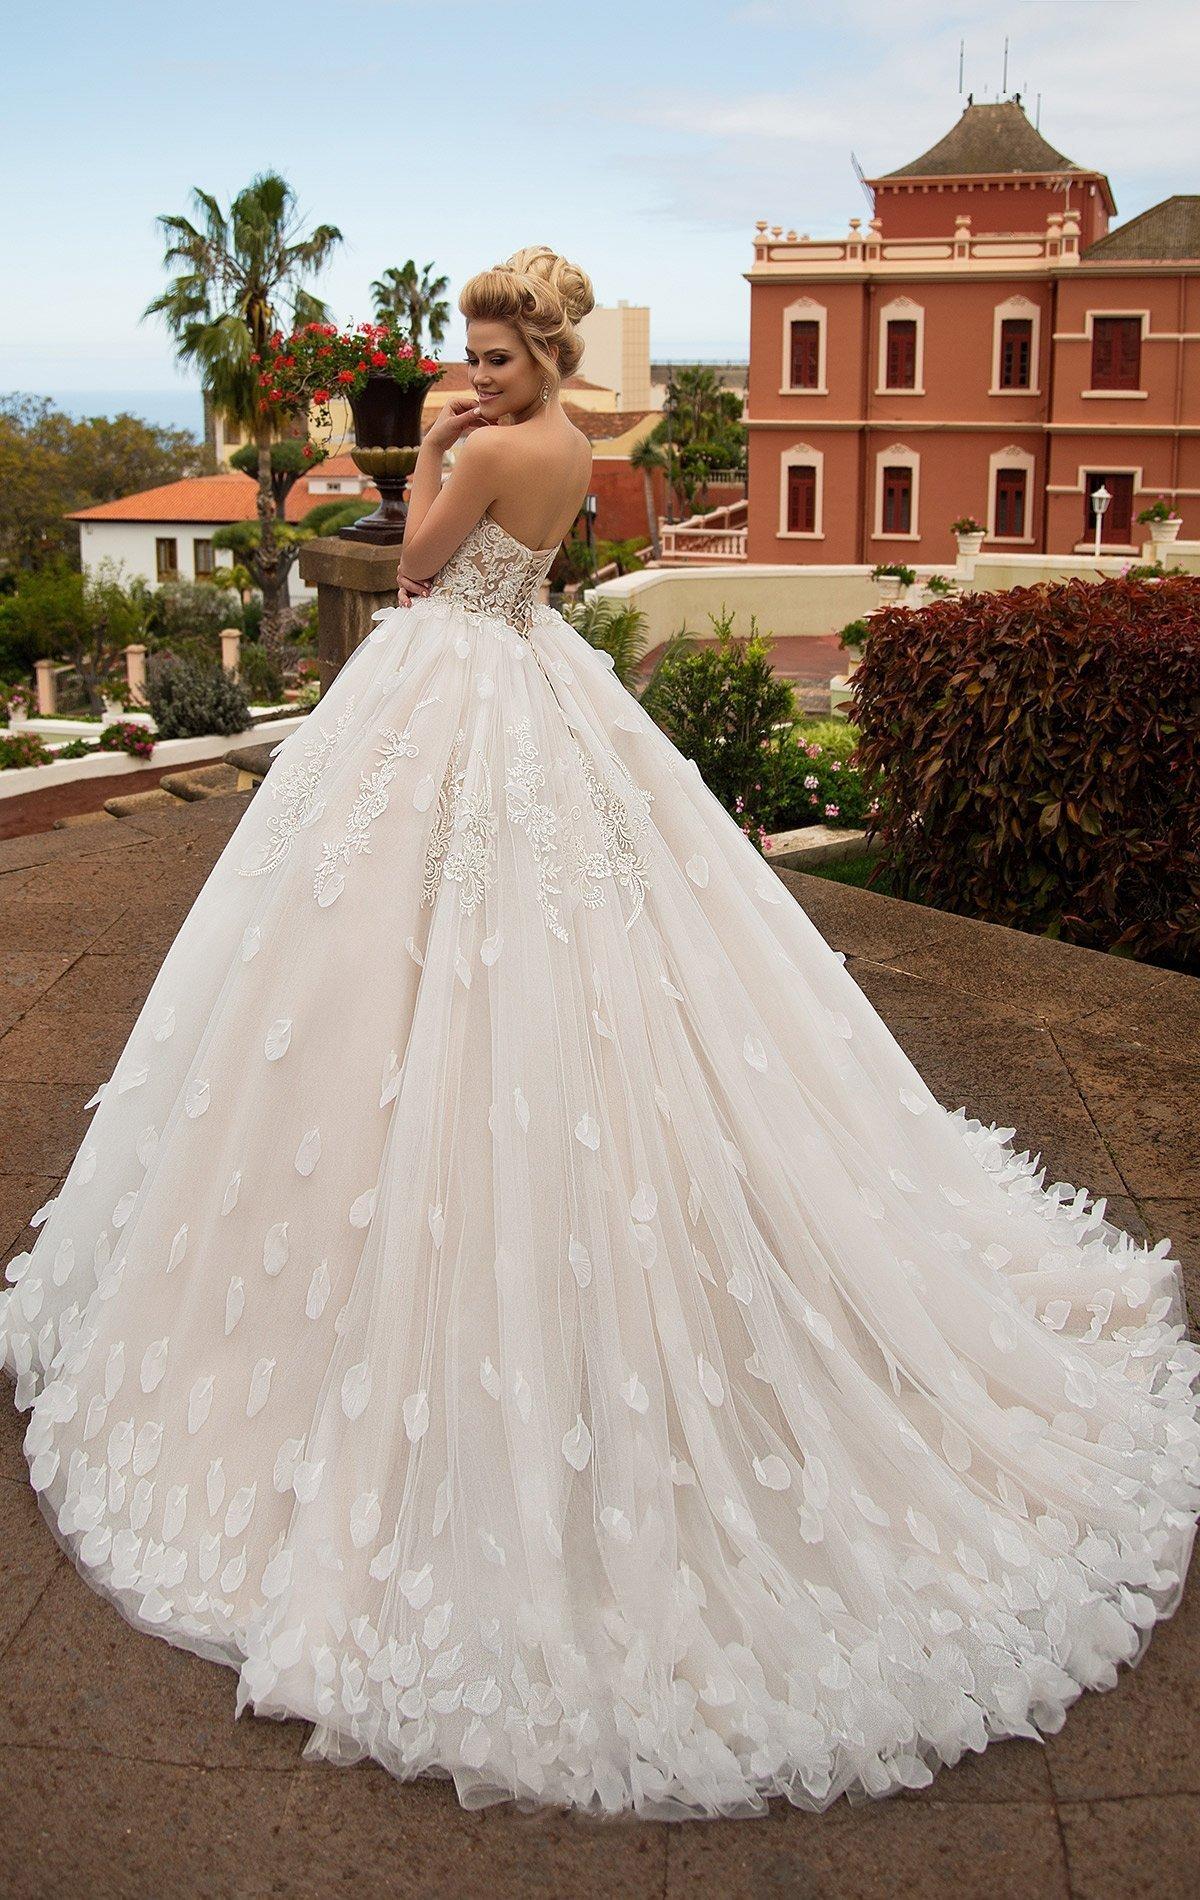 Пышное свадебное платье цвета слоновой кости с эксцентричным оформлением низа подола.